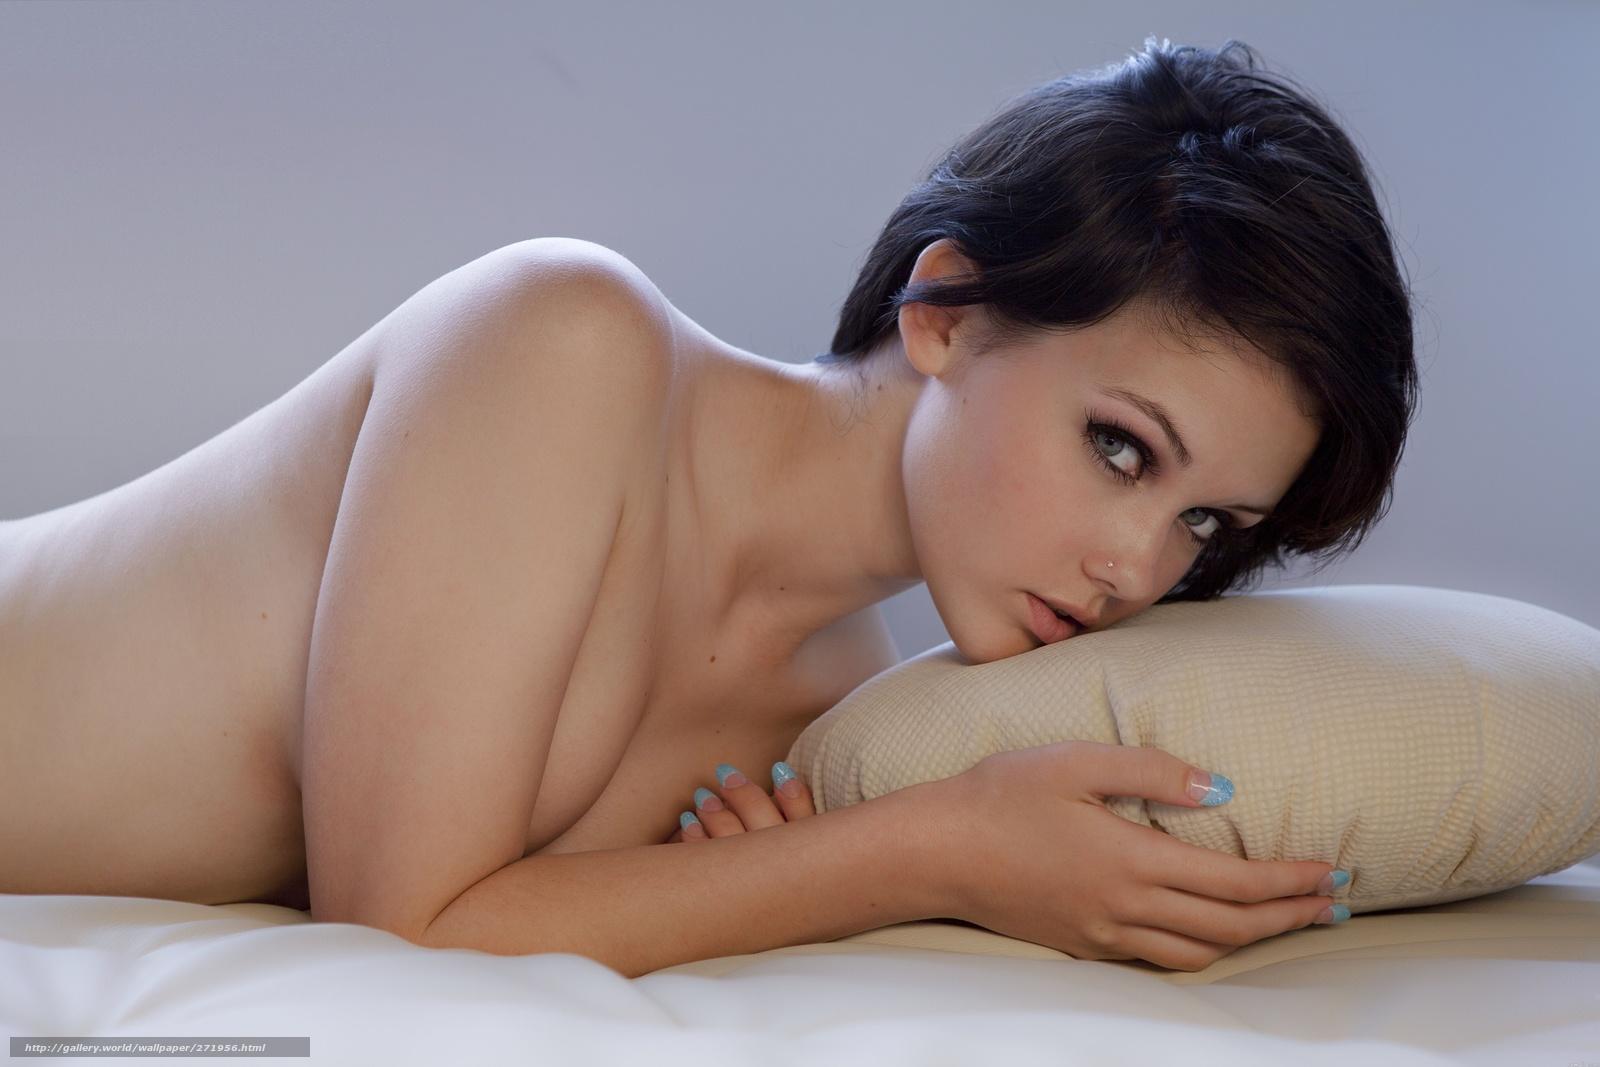 Самые красивые голые соседки смотреть онлайн 16 фотография